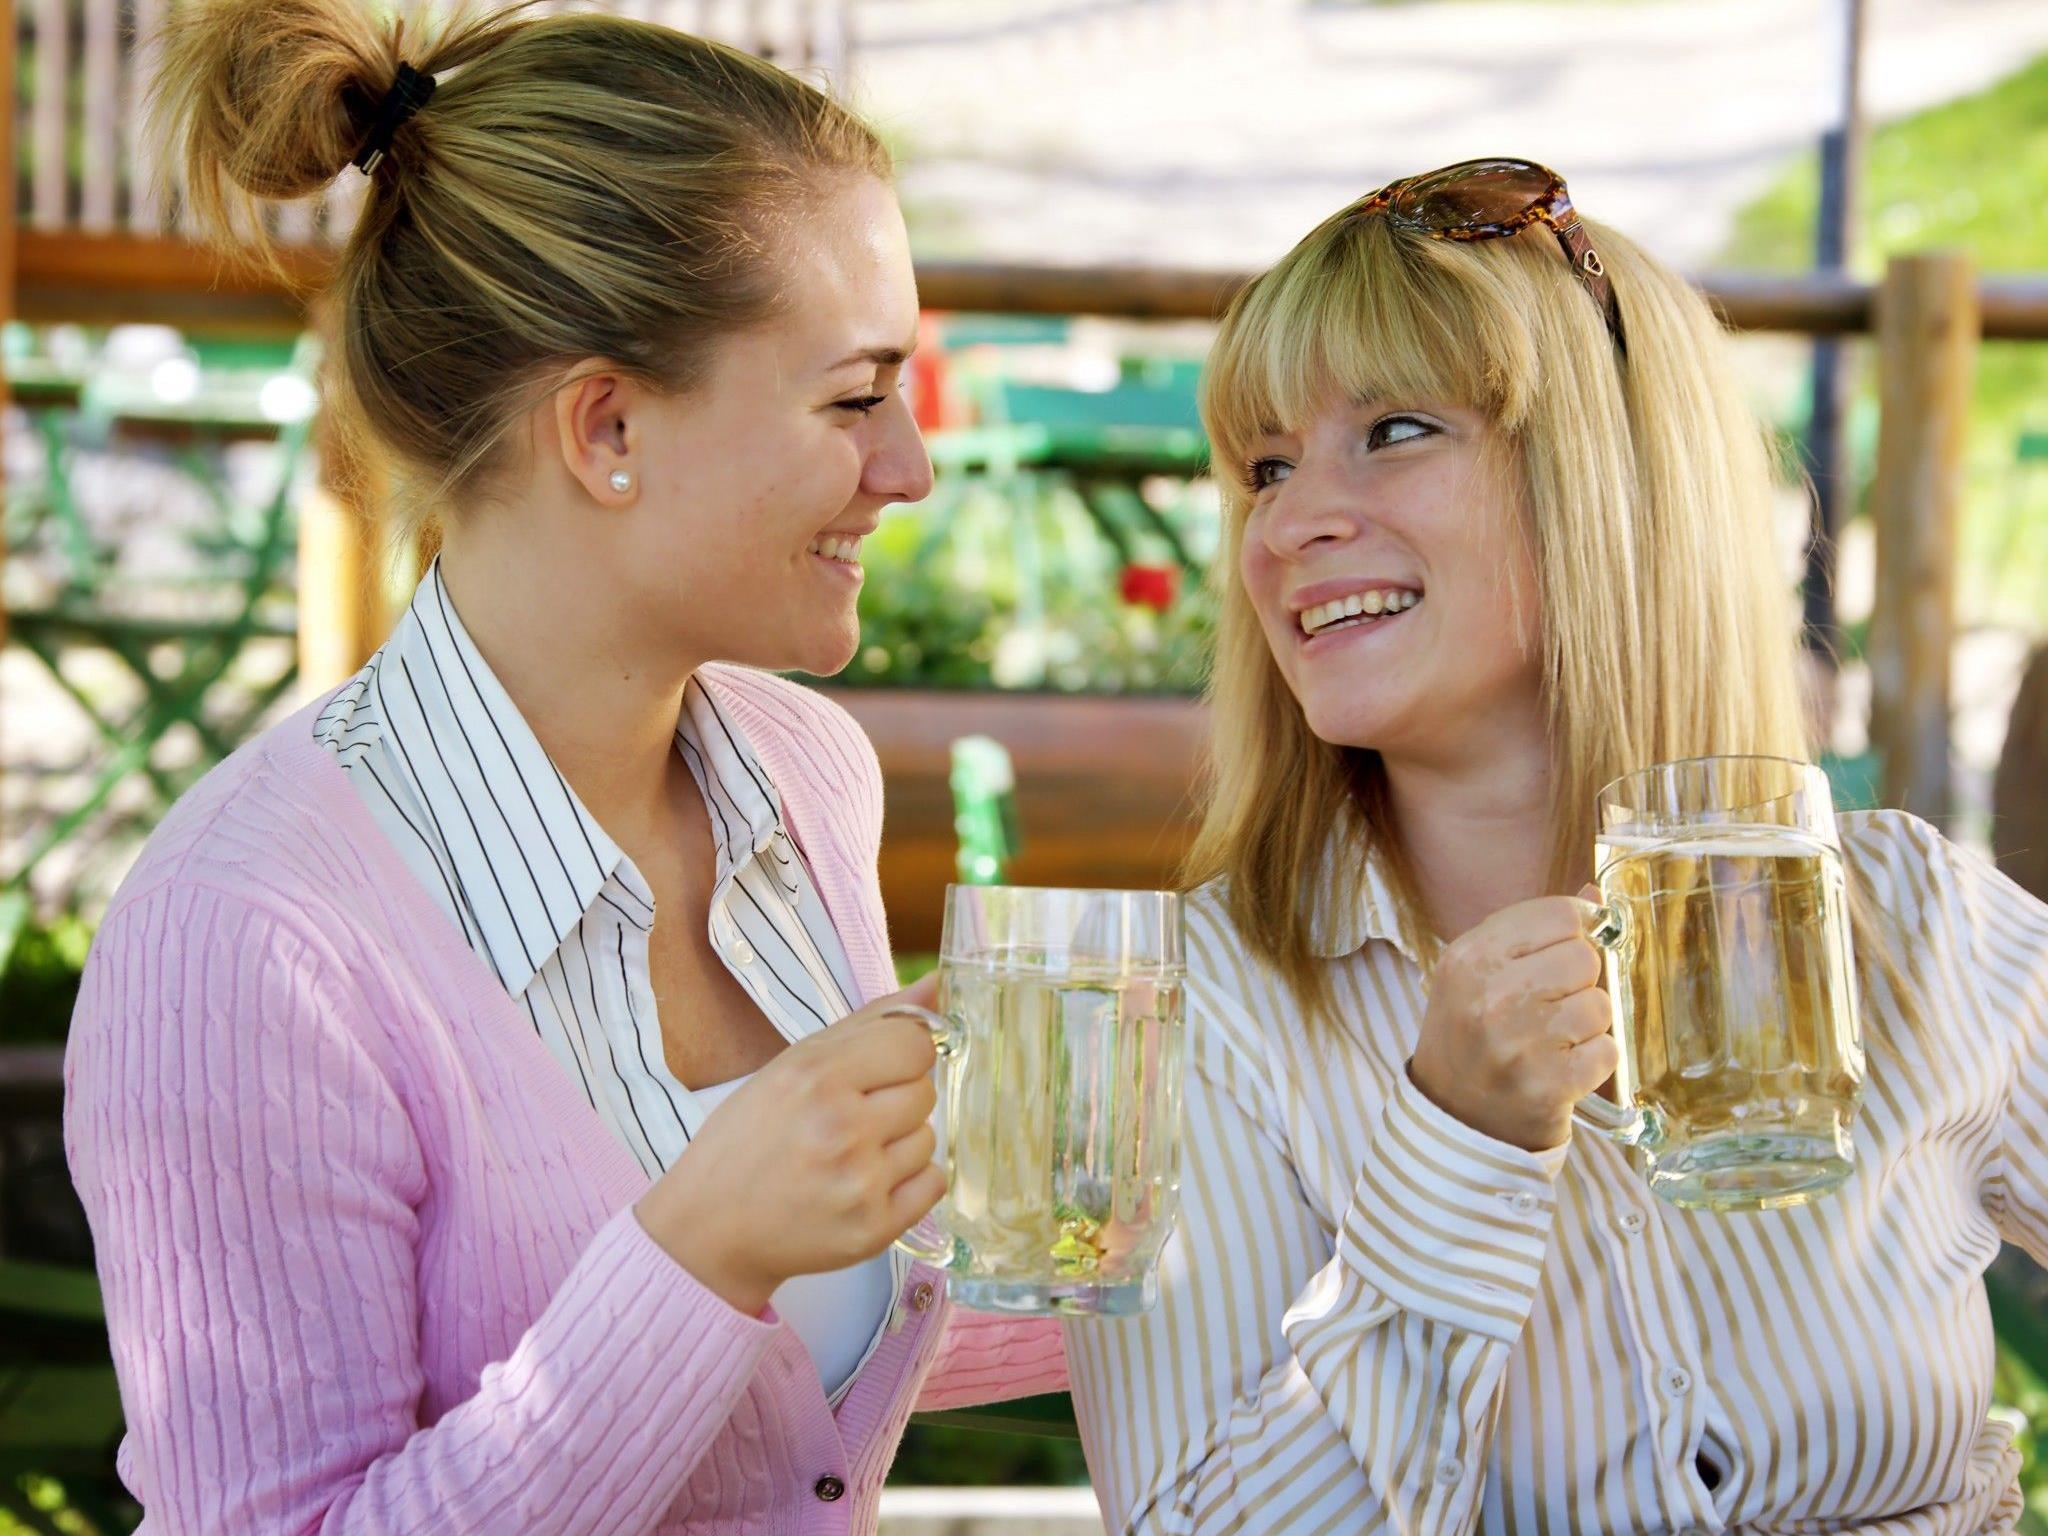 Einigung beim Alkohol erzielt - Vorarlberg will noch strengere Ausgehzeiten für Jugendliche.